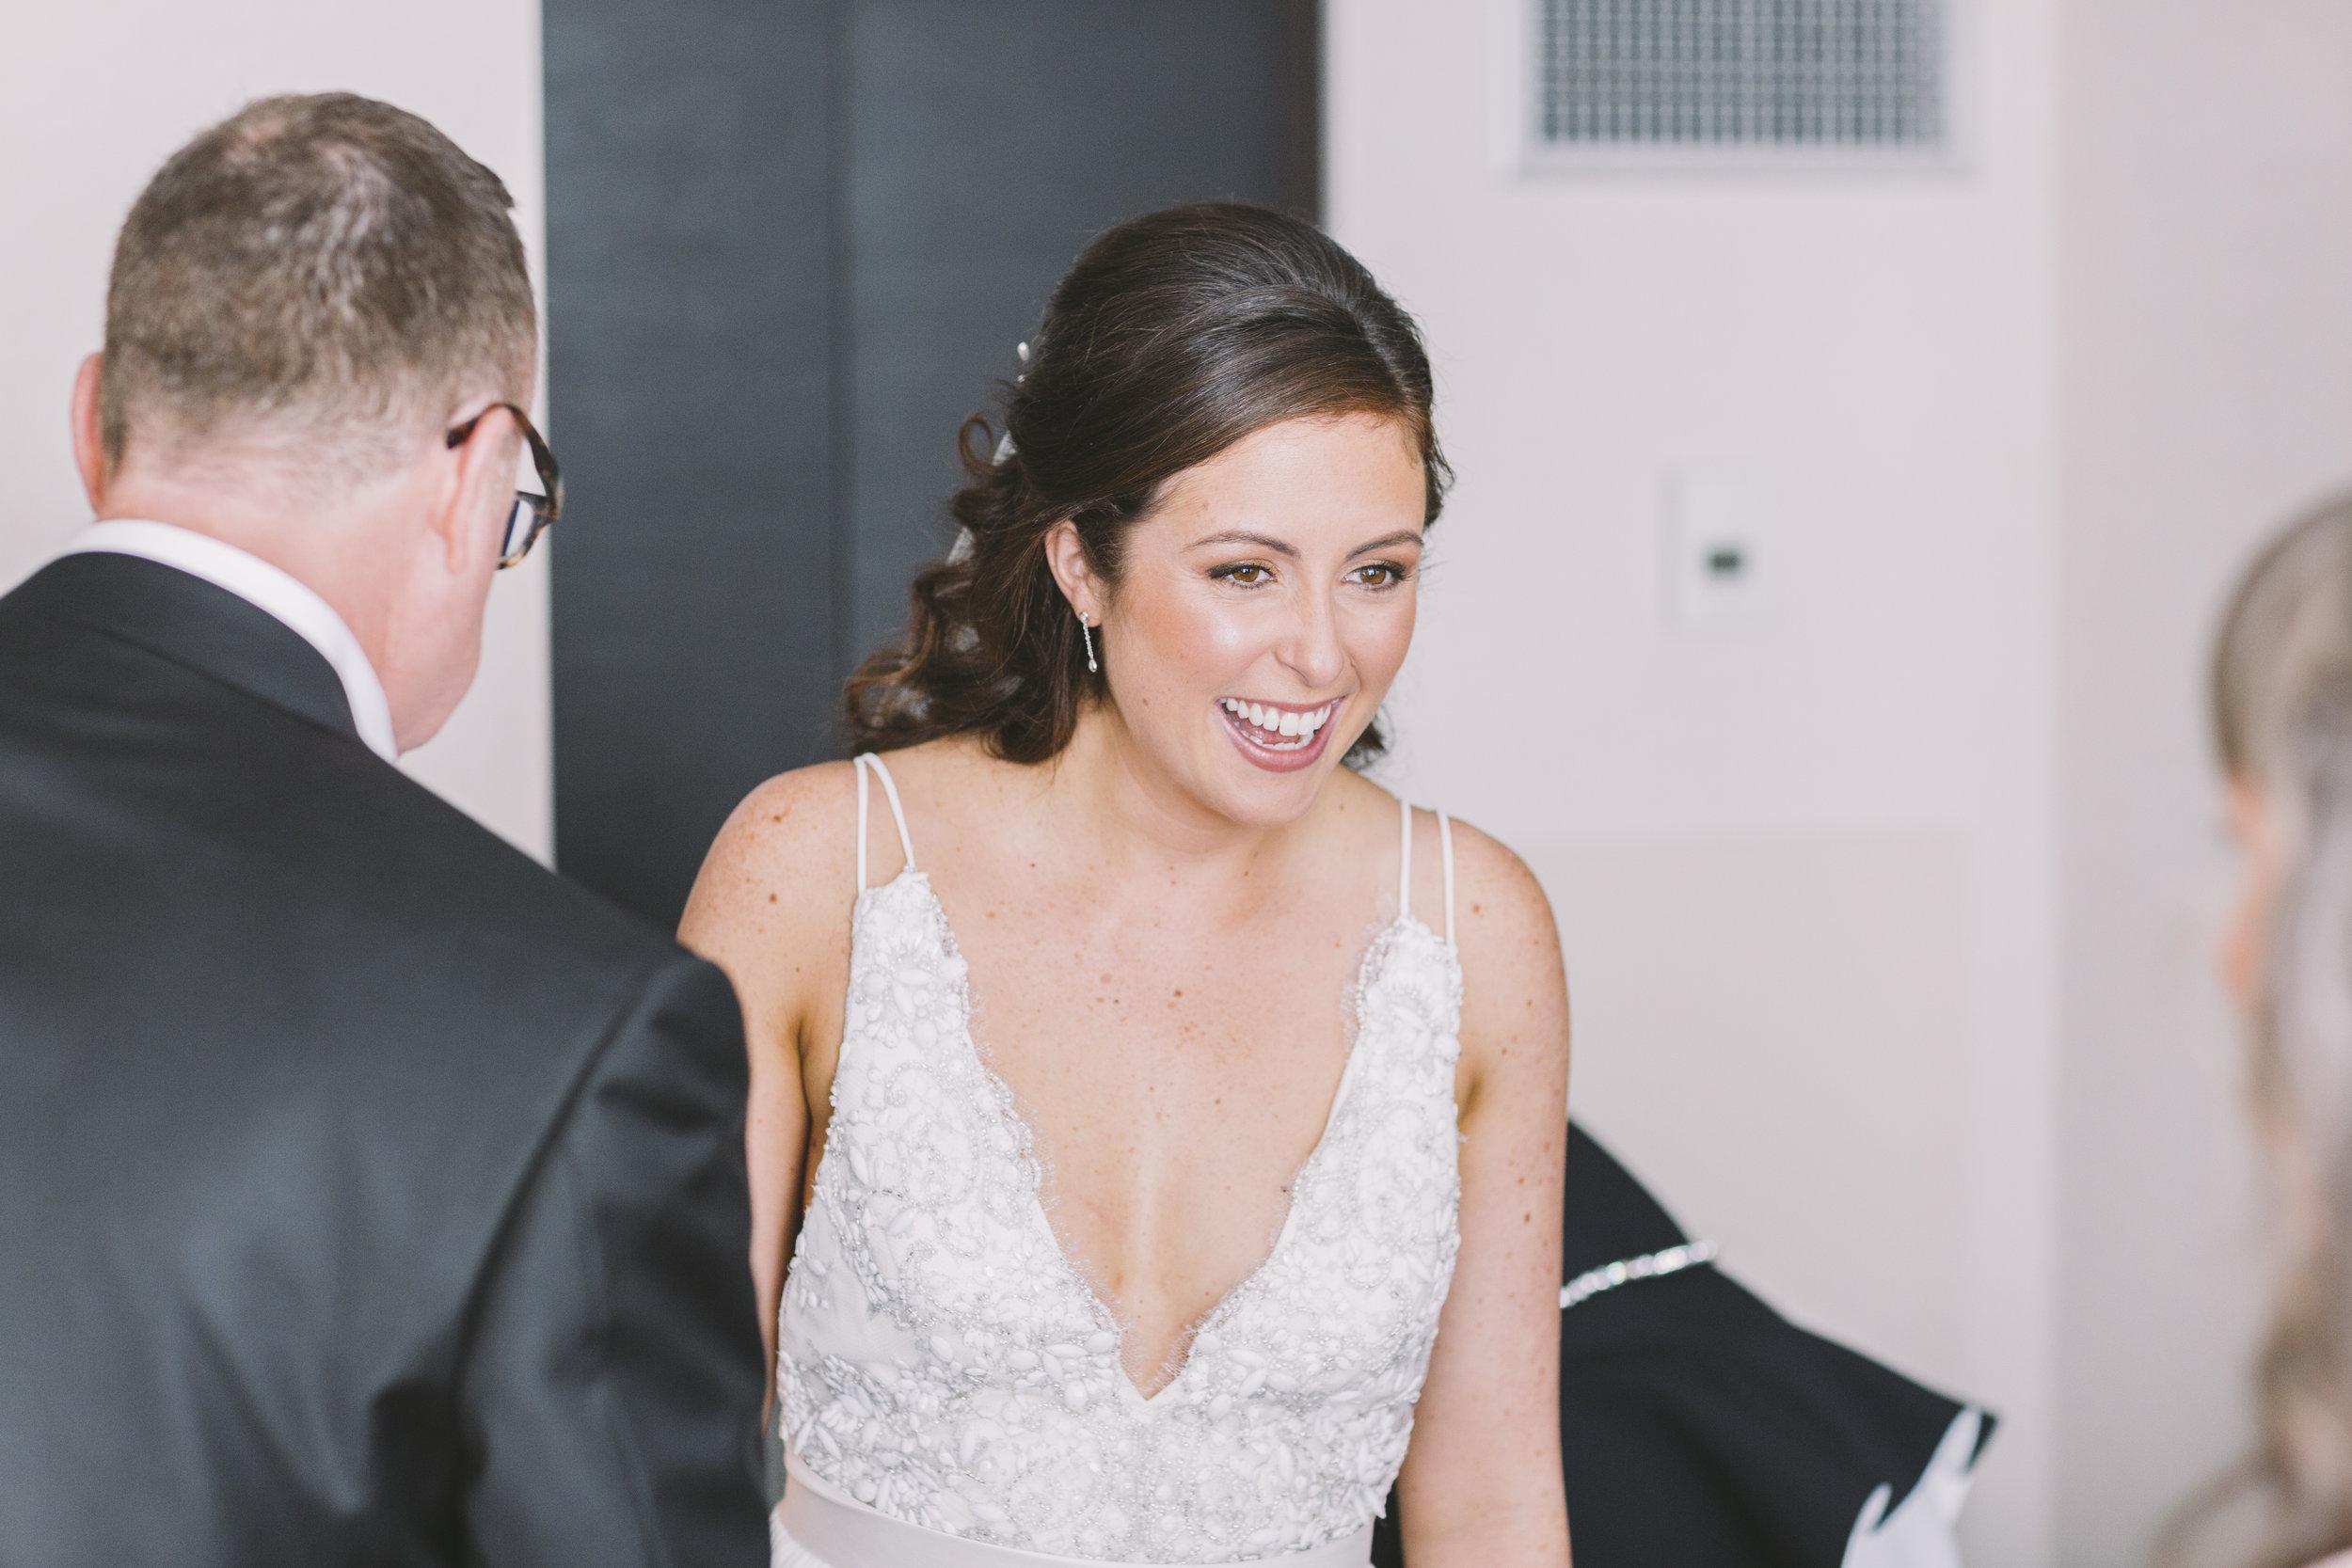 Joyful laughter at a wedding.